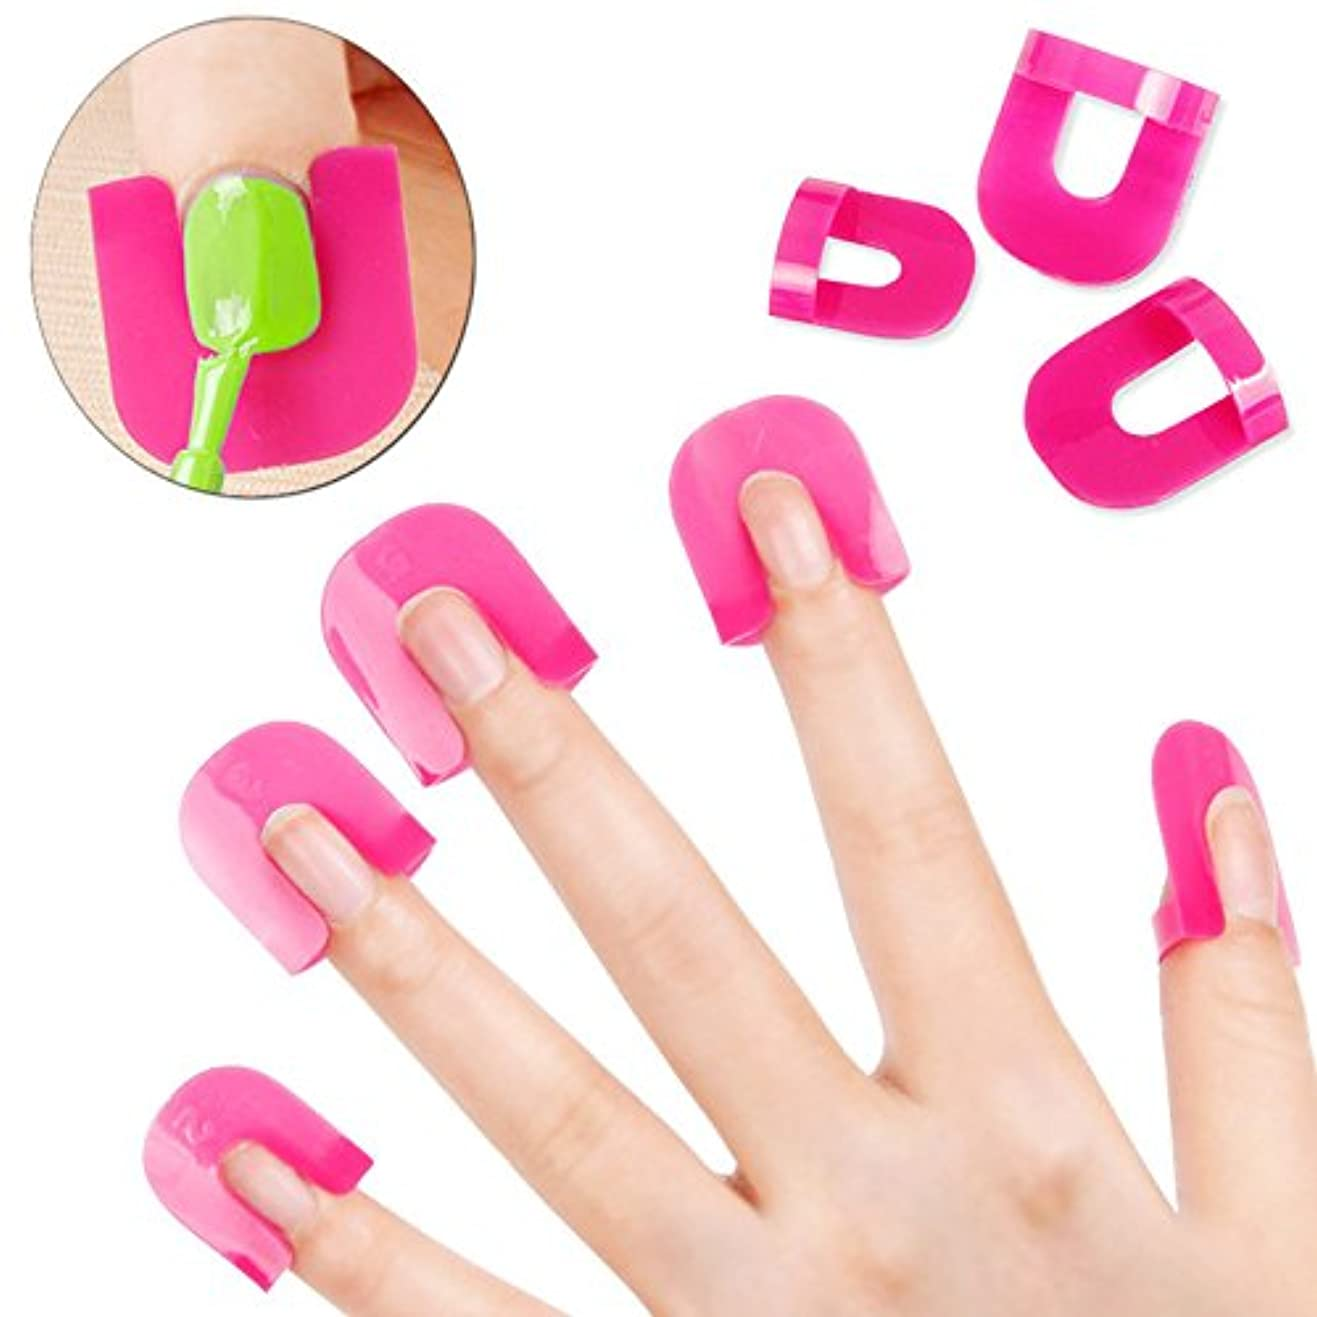 性格溝メンターNew 26PCS Professional French Nail Art Manicure Stickers Tips Finger Cover Polish Shield Protector Plastic Case...